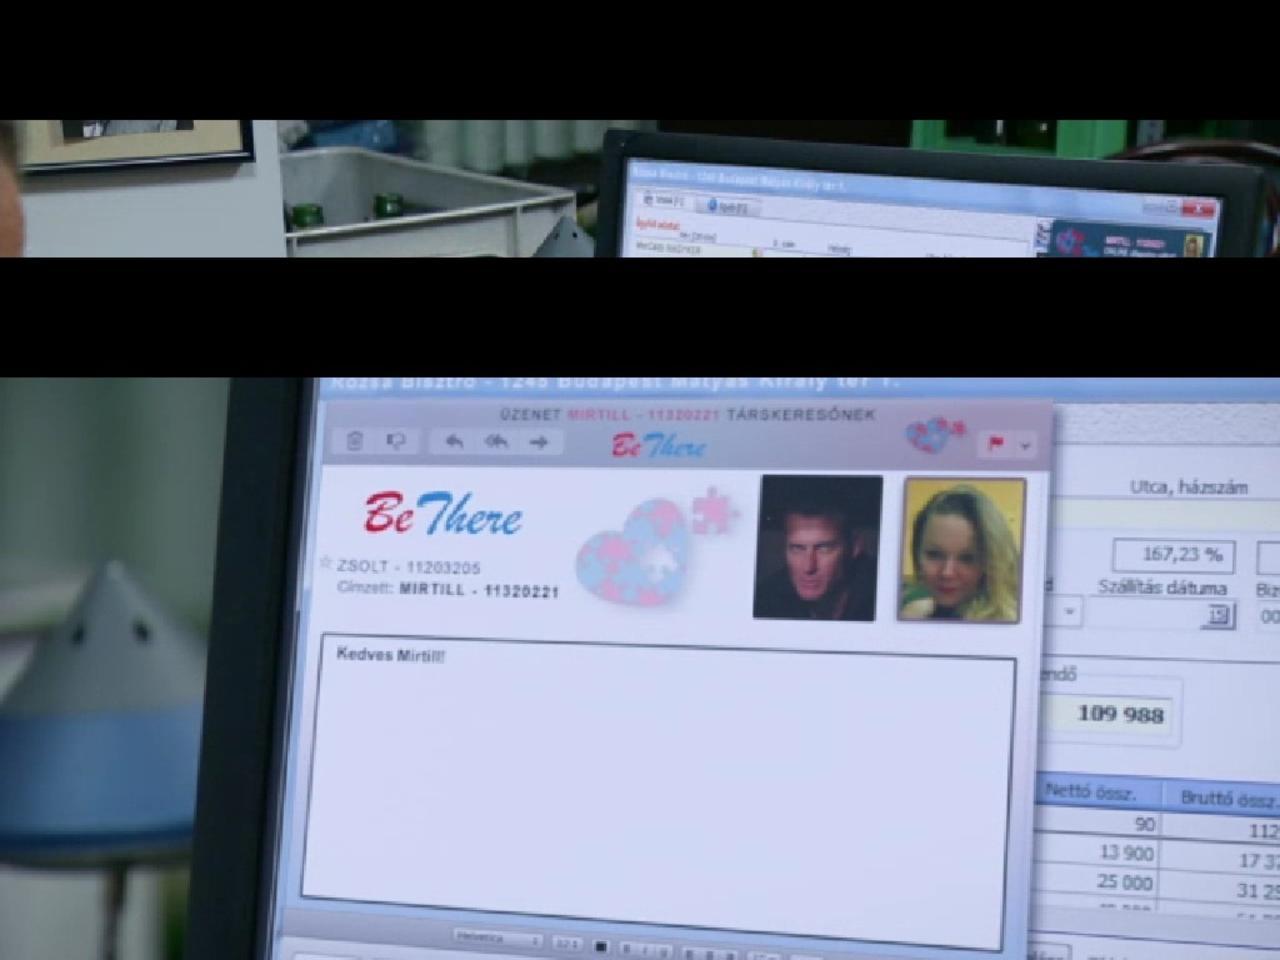 Hogyan lehet első e-mailt írni az online társkeresőhez